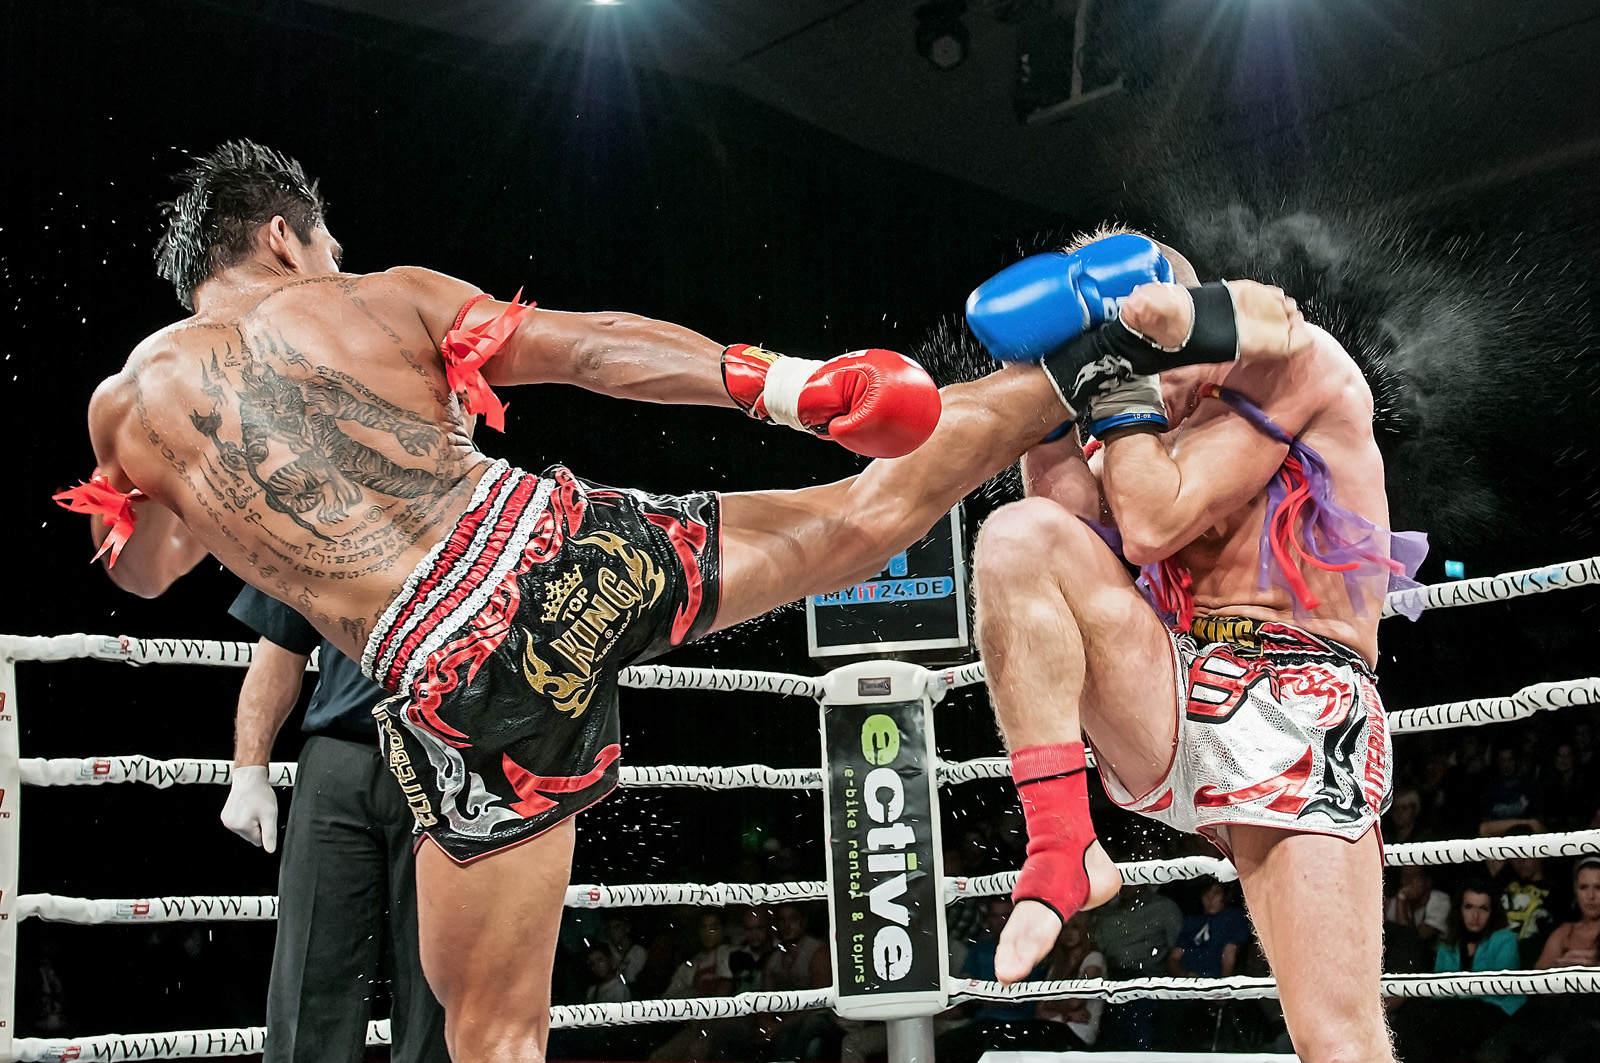 фото бойцов тайского бокса многолетние